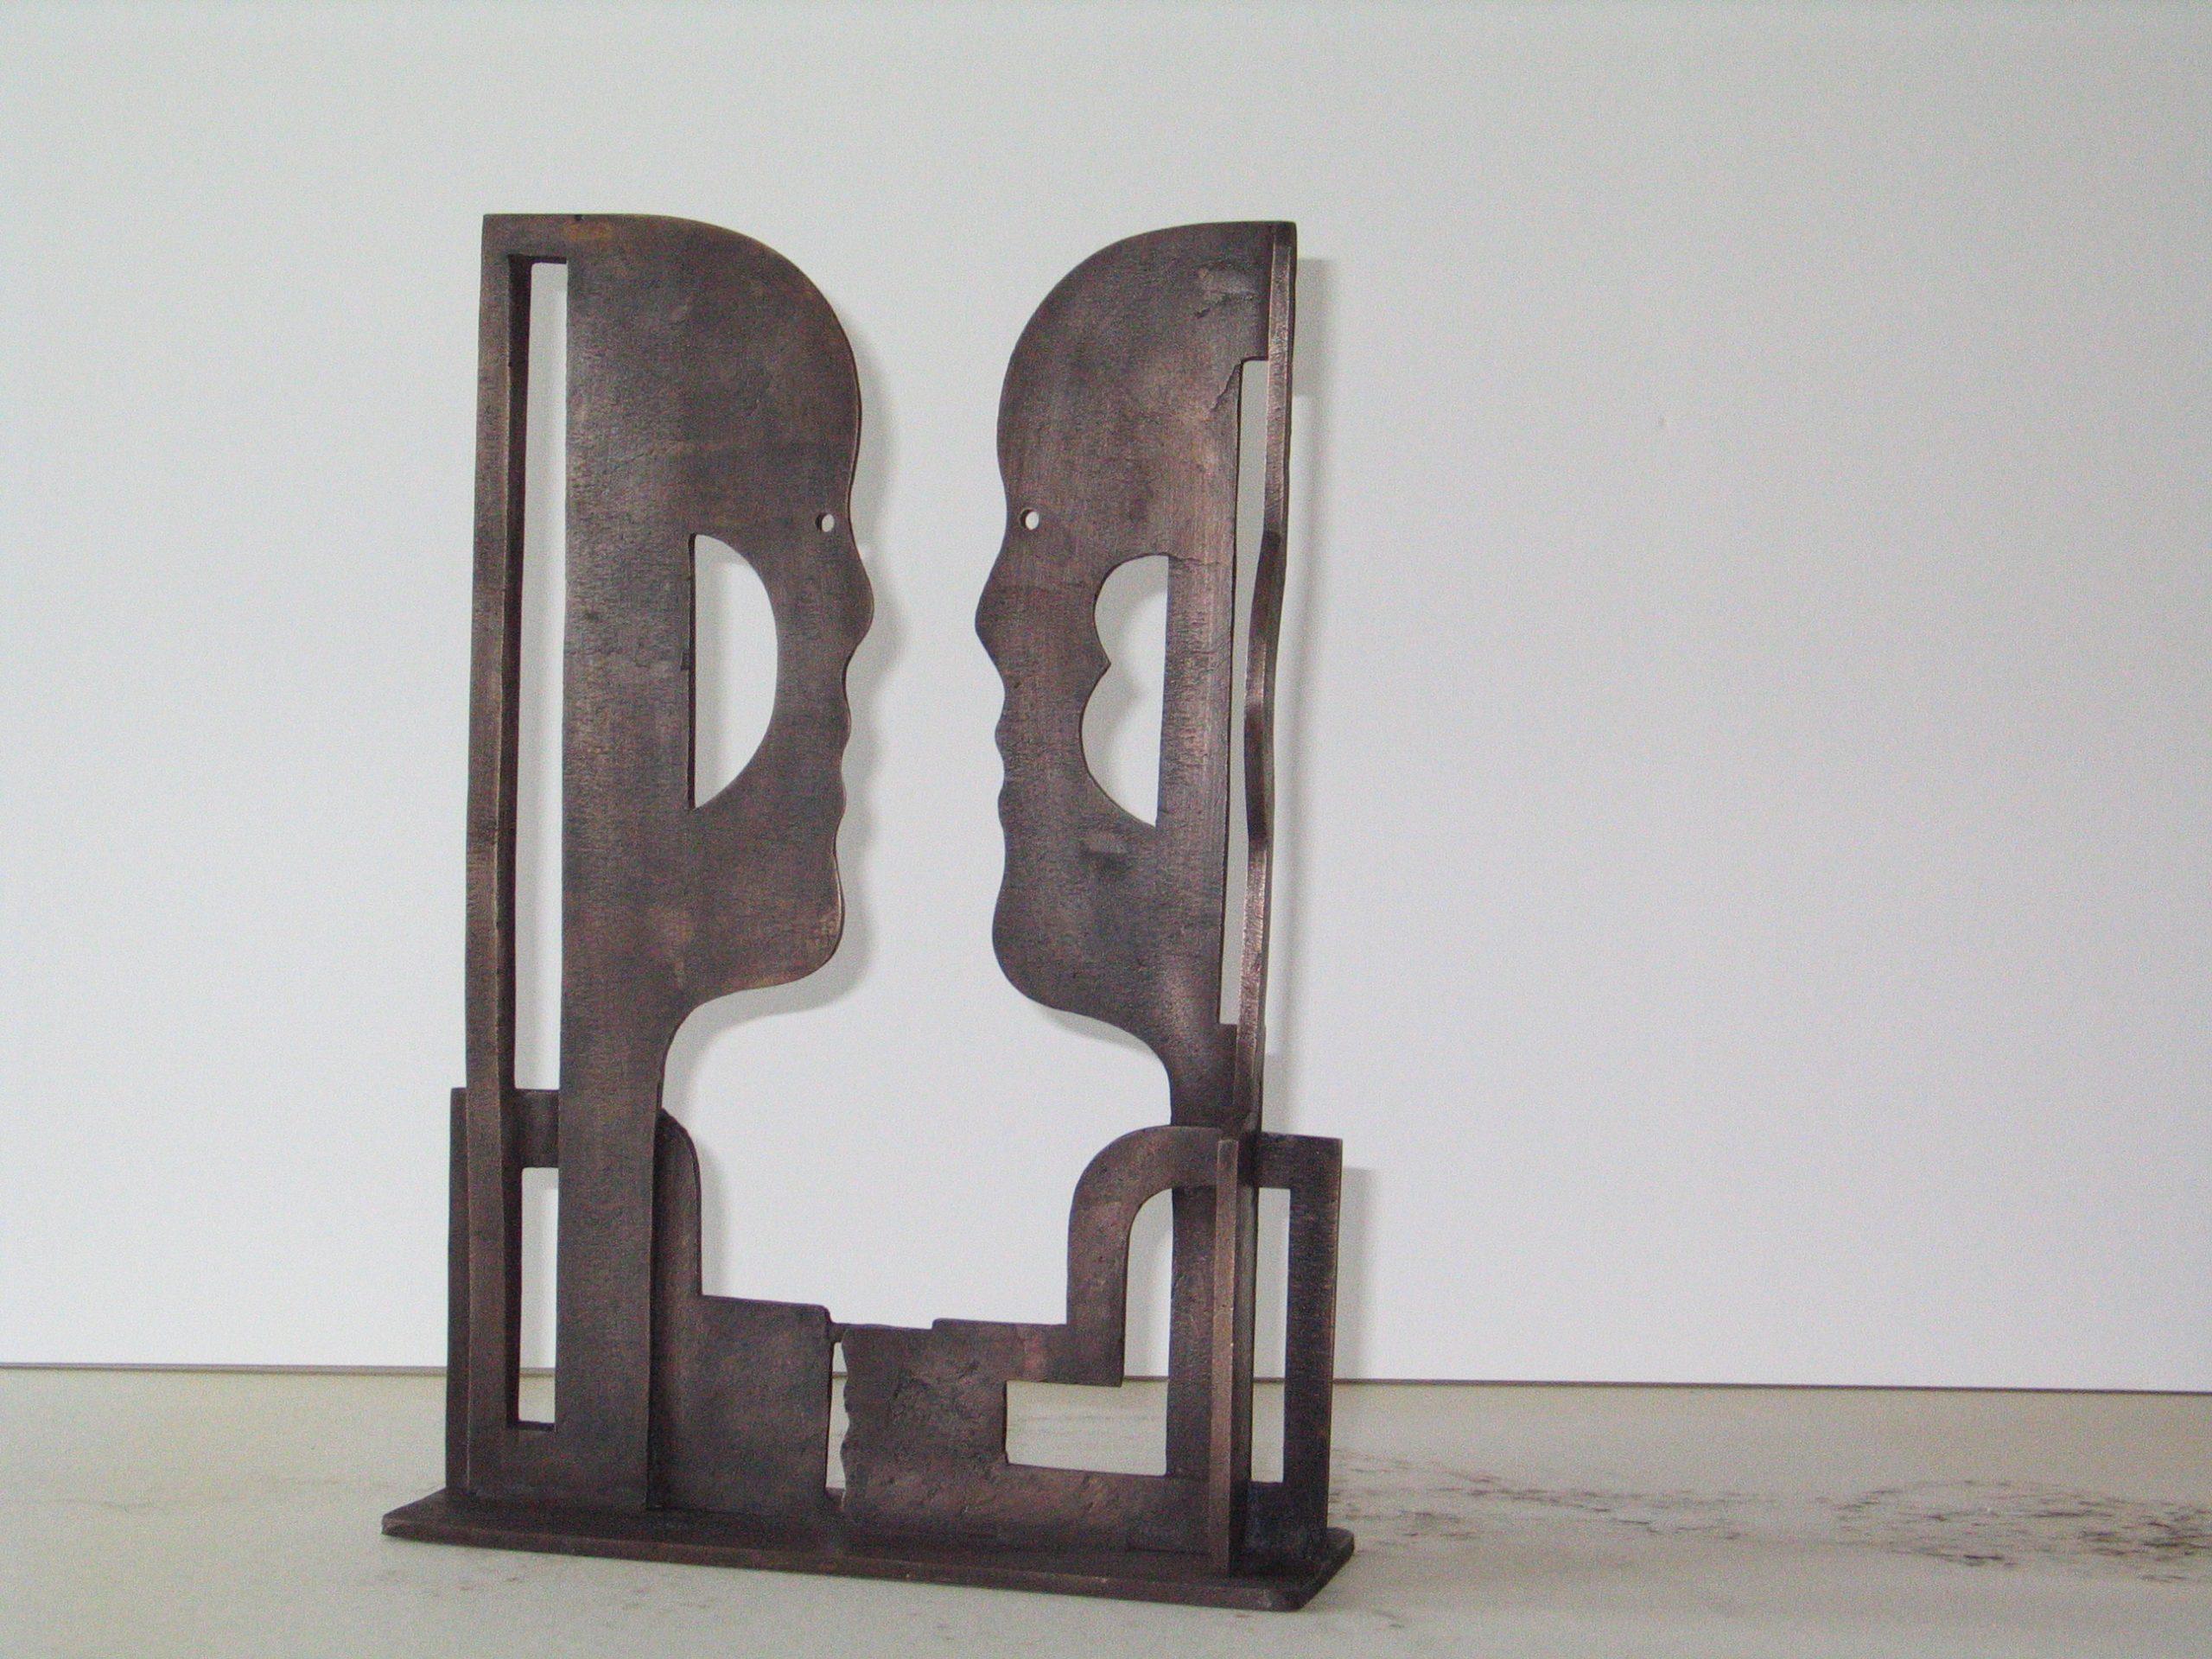 Ontmoeting - Rein Dool, 39 cm hoog. brons 2004